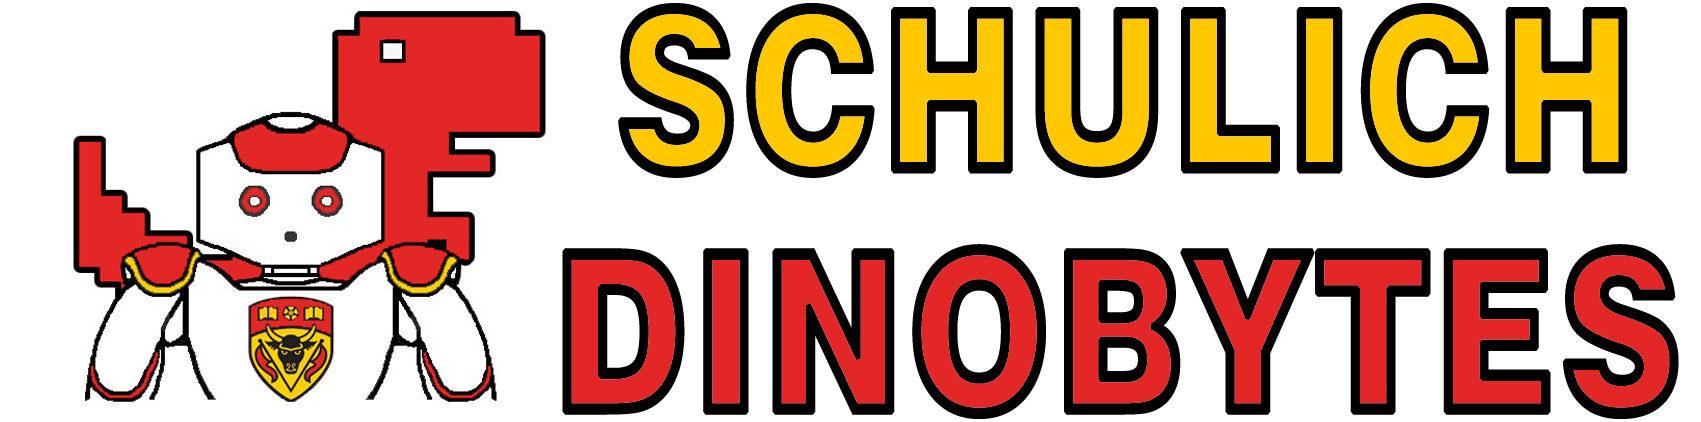 Schulich DinoBytes